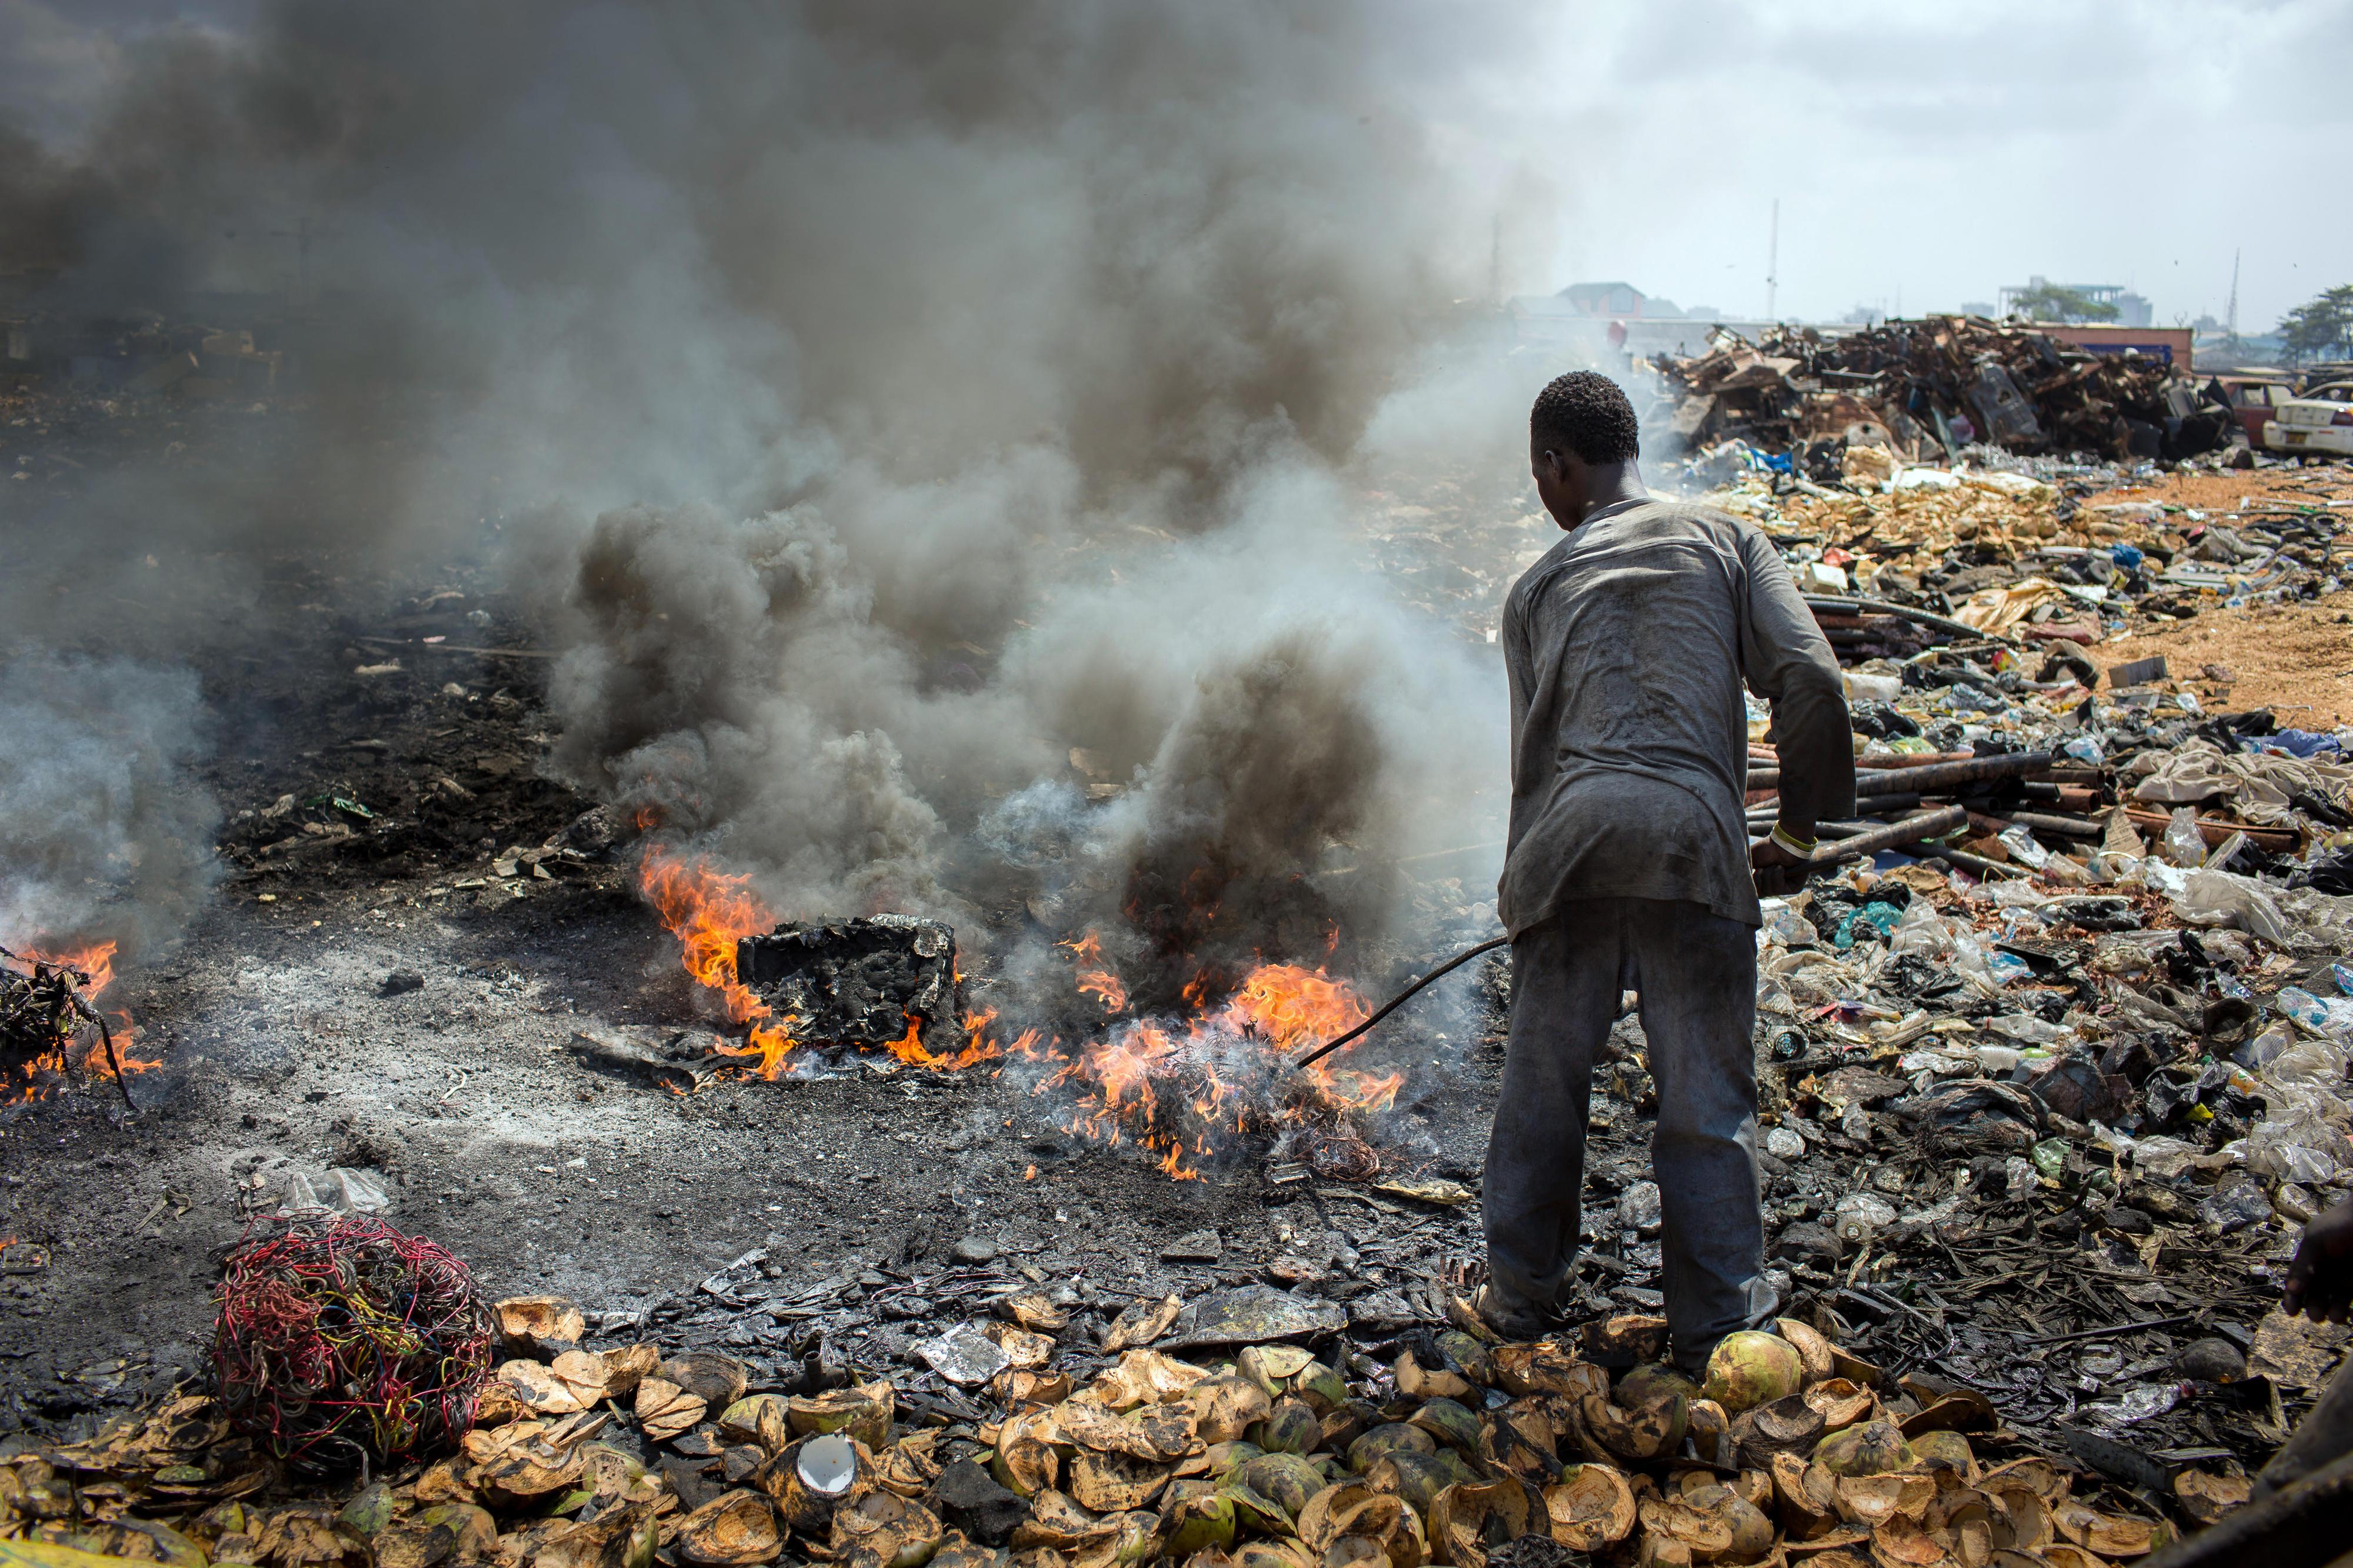 Auf einer Mülldeponie in Ghanas Hauptstadt Accra werden alte Elektrogeräte verbrannt, um verwertbares Metall zu gewinnen.